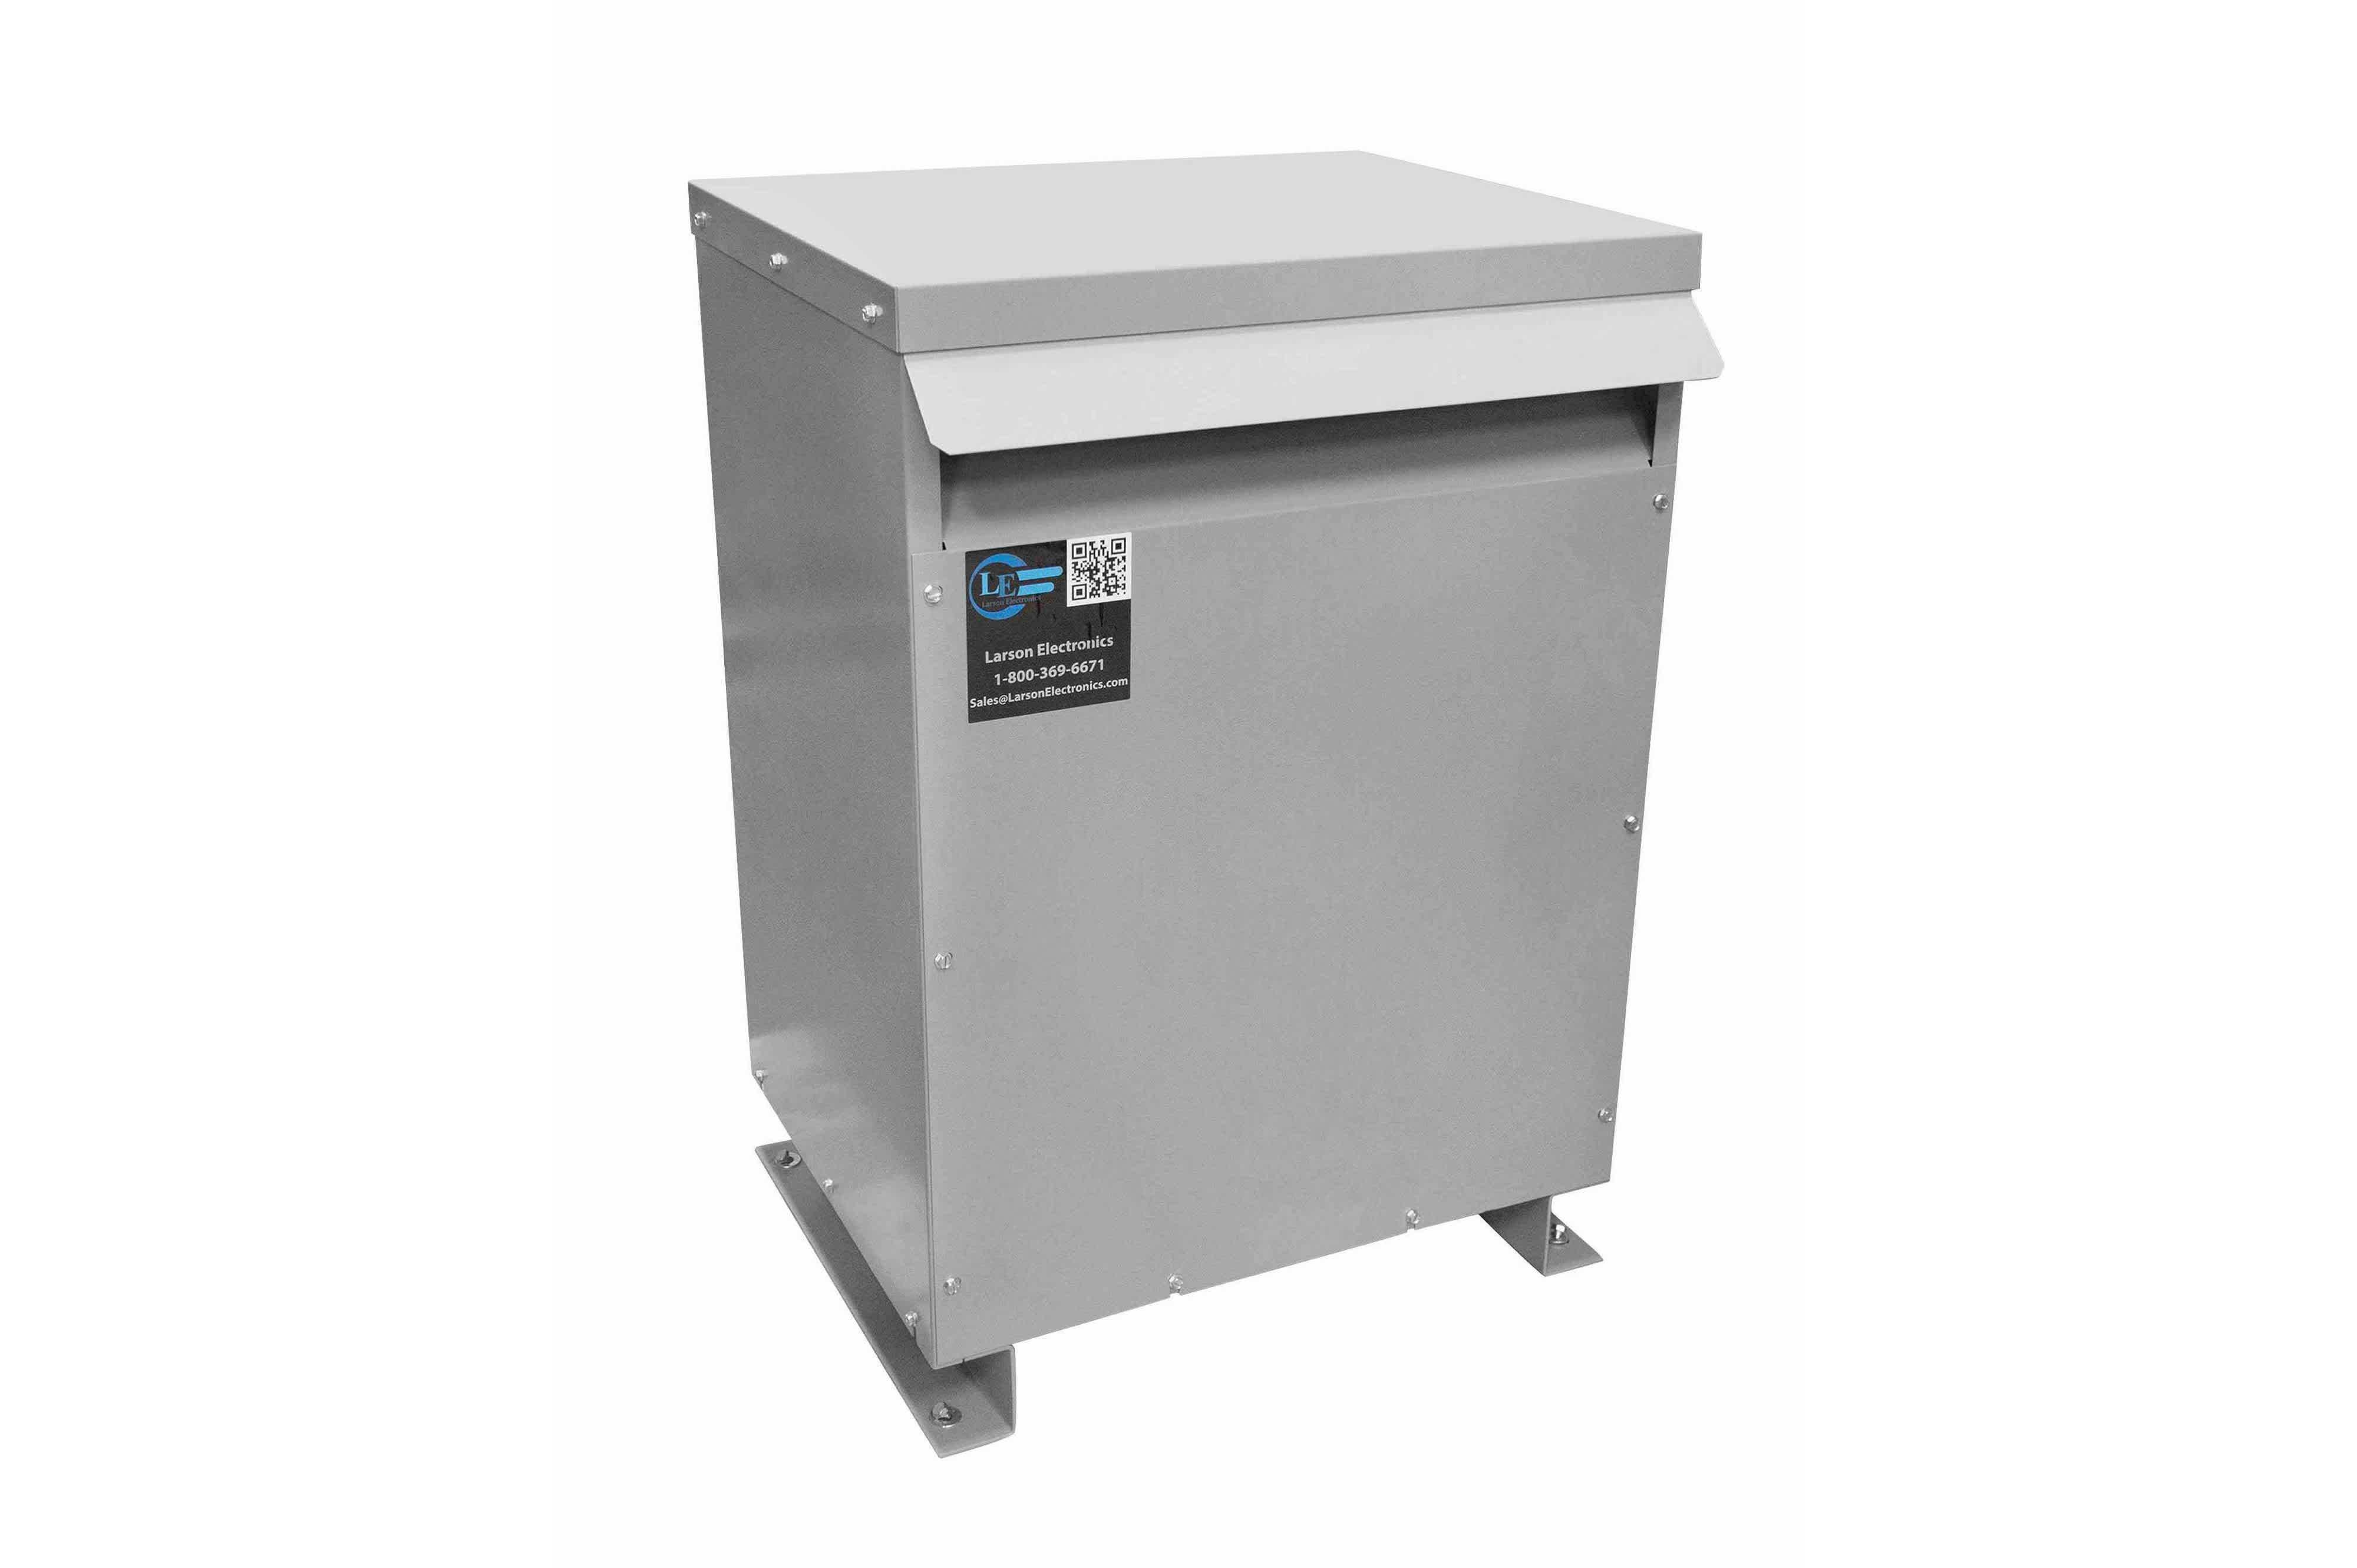 600 kVA 3PH Isolation Transformer, 208V Delta Primary, 480V Delta Secondary, N3R, Ventilated, 60 Hz